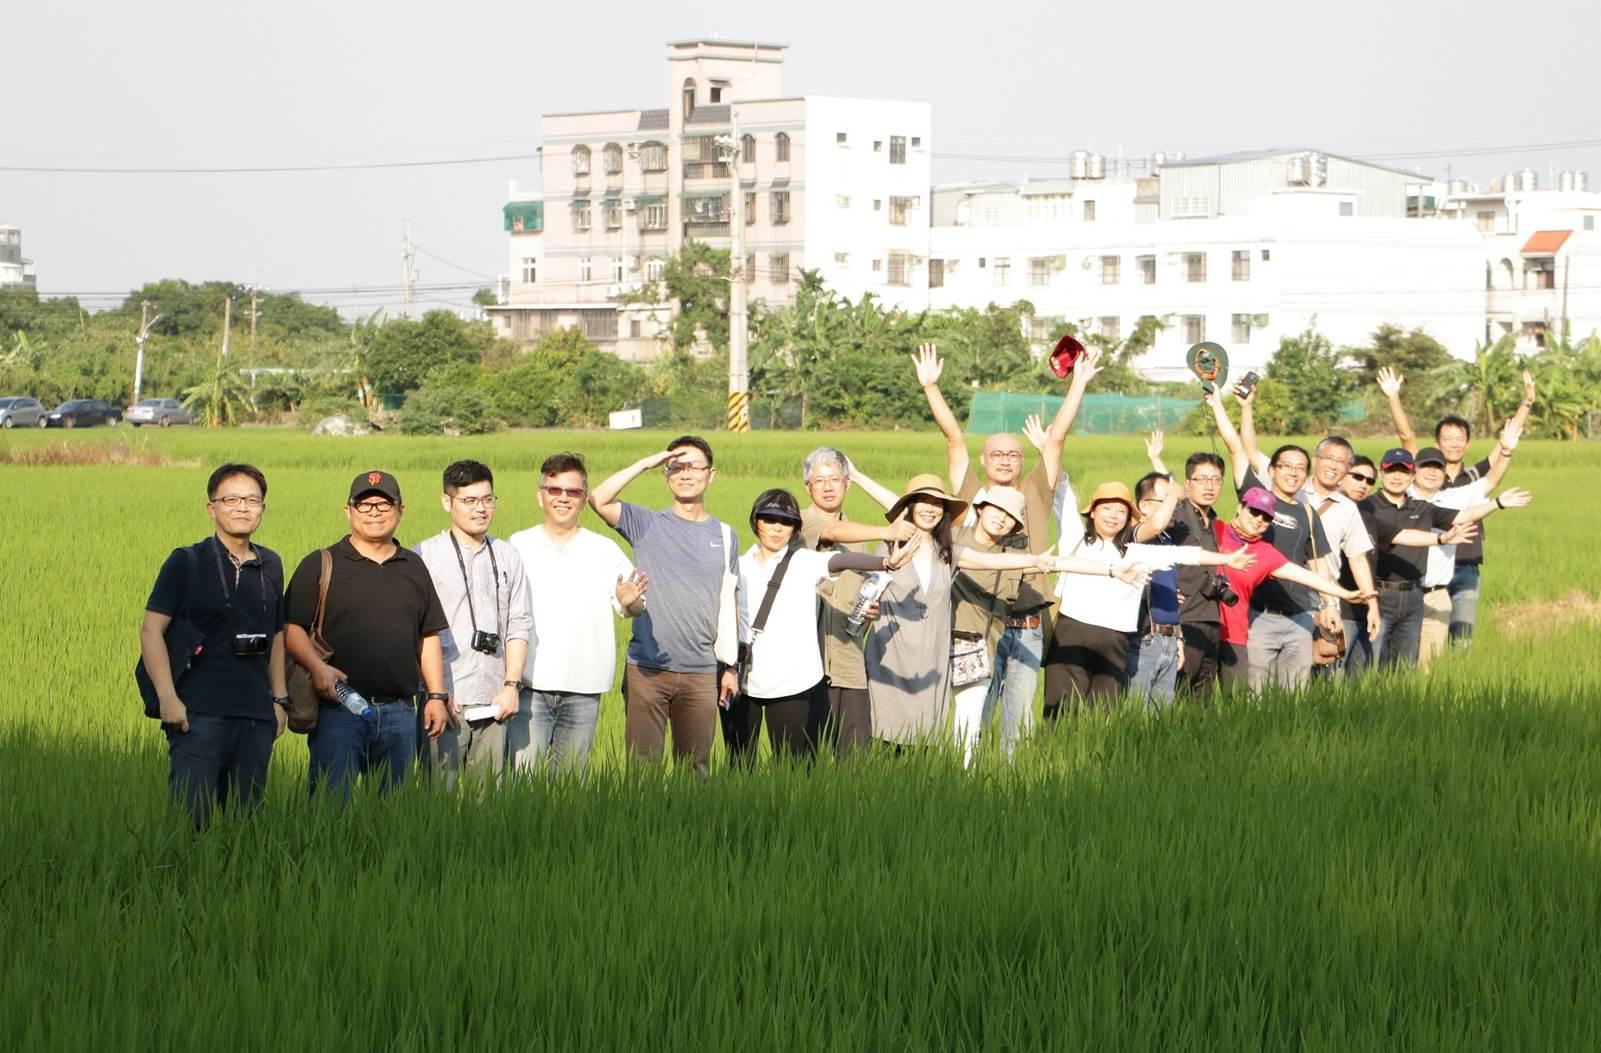 中原師生發揮創意推動大學社會責任 啟動霄裡文化綠廊